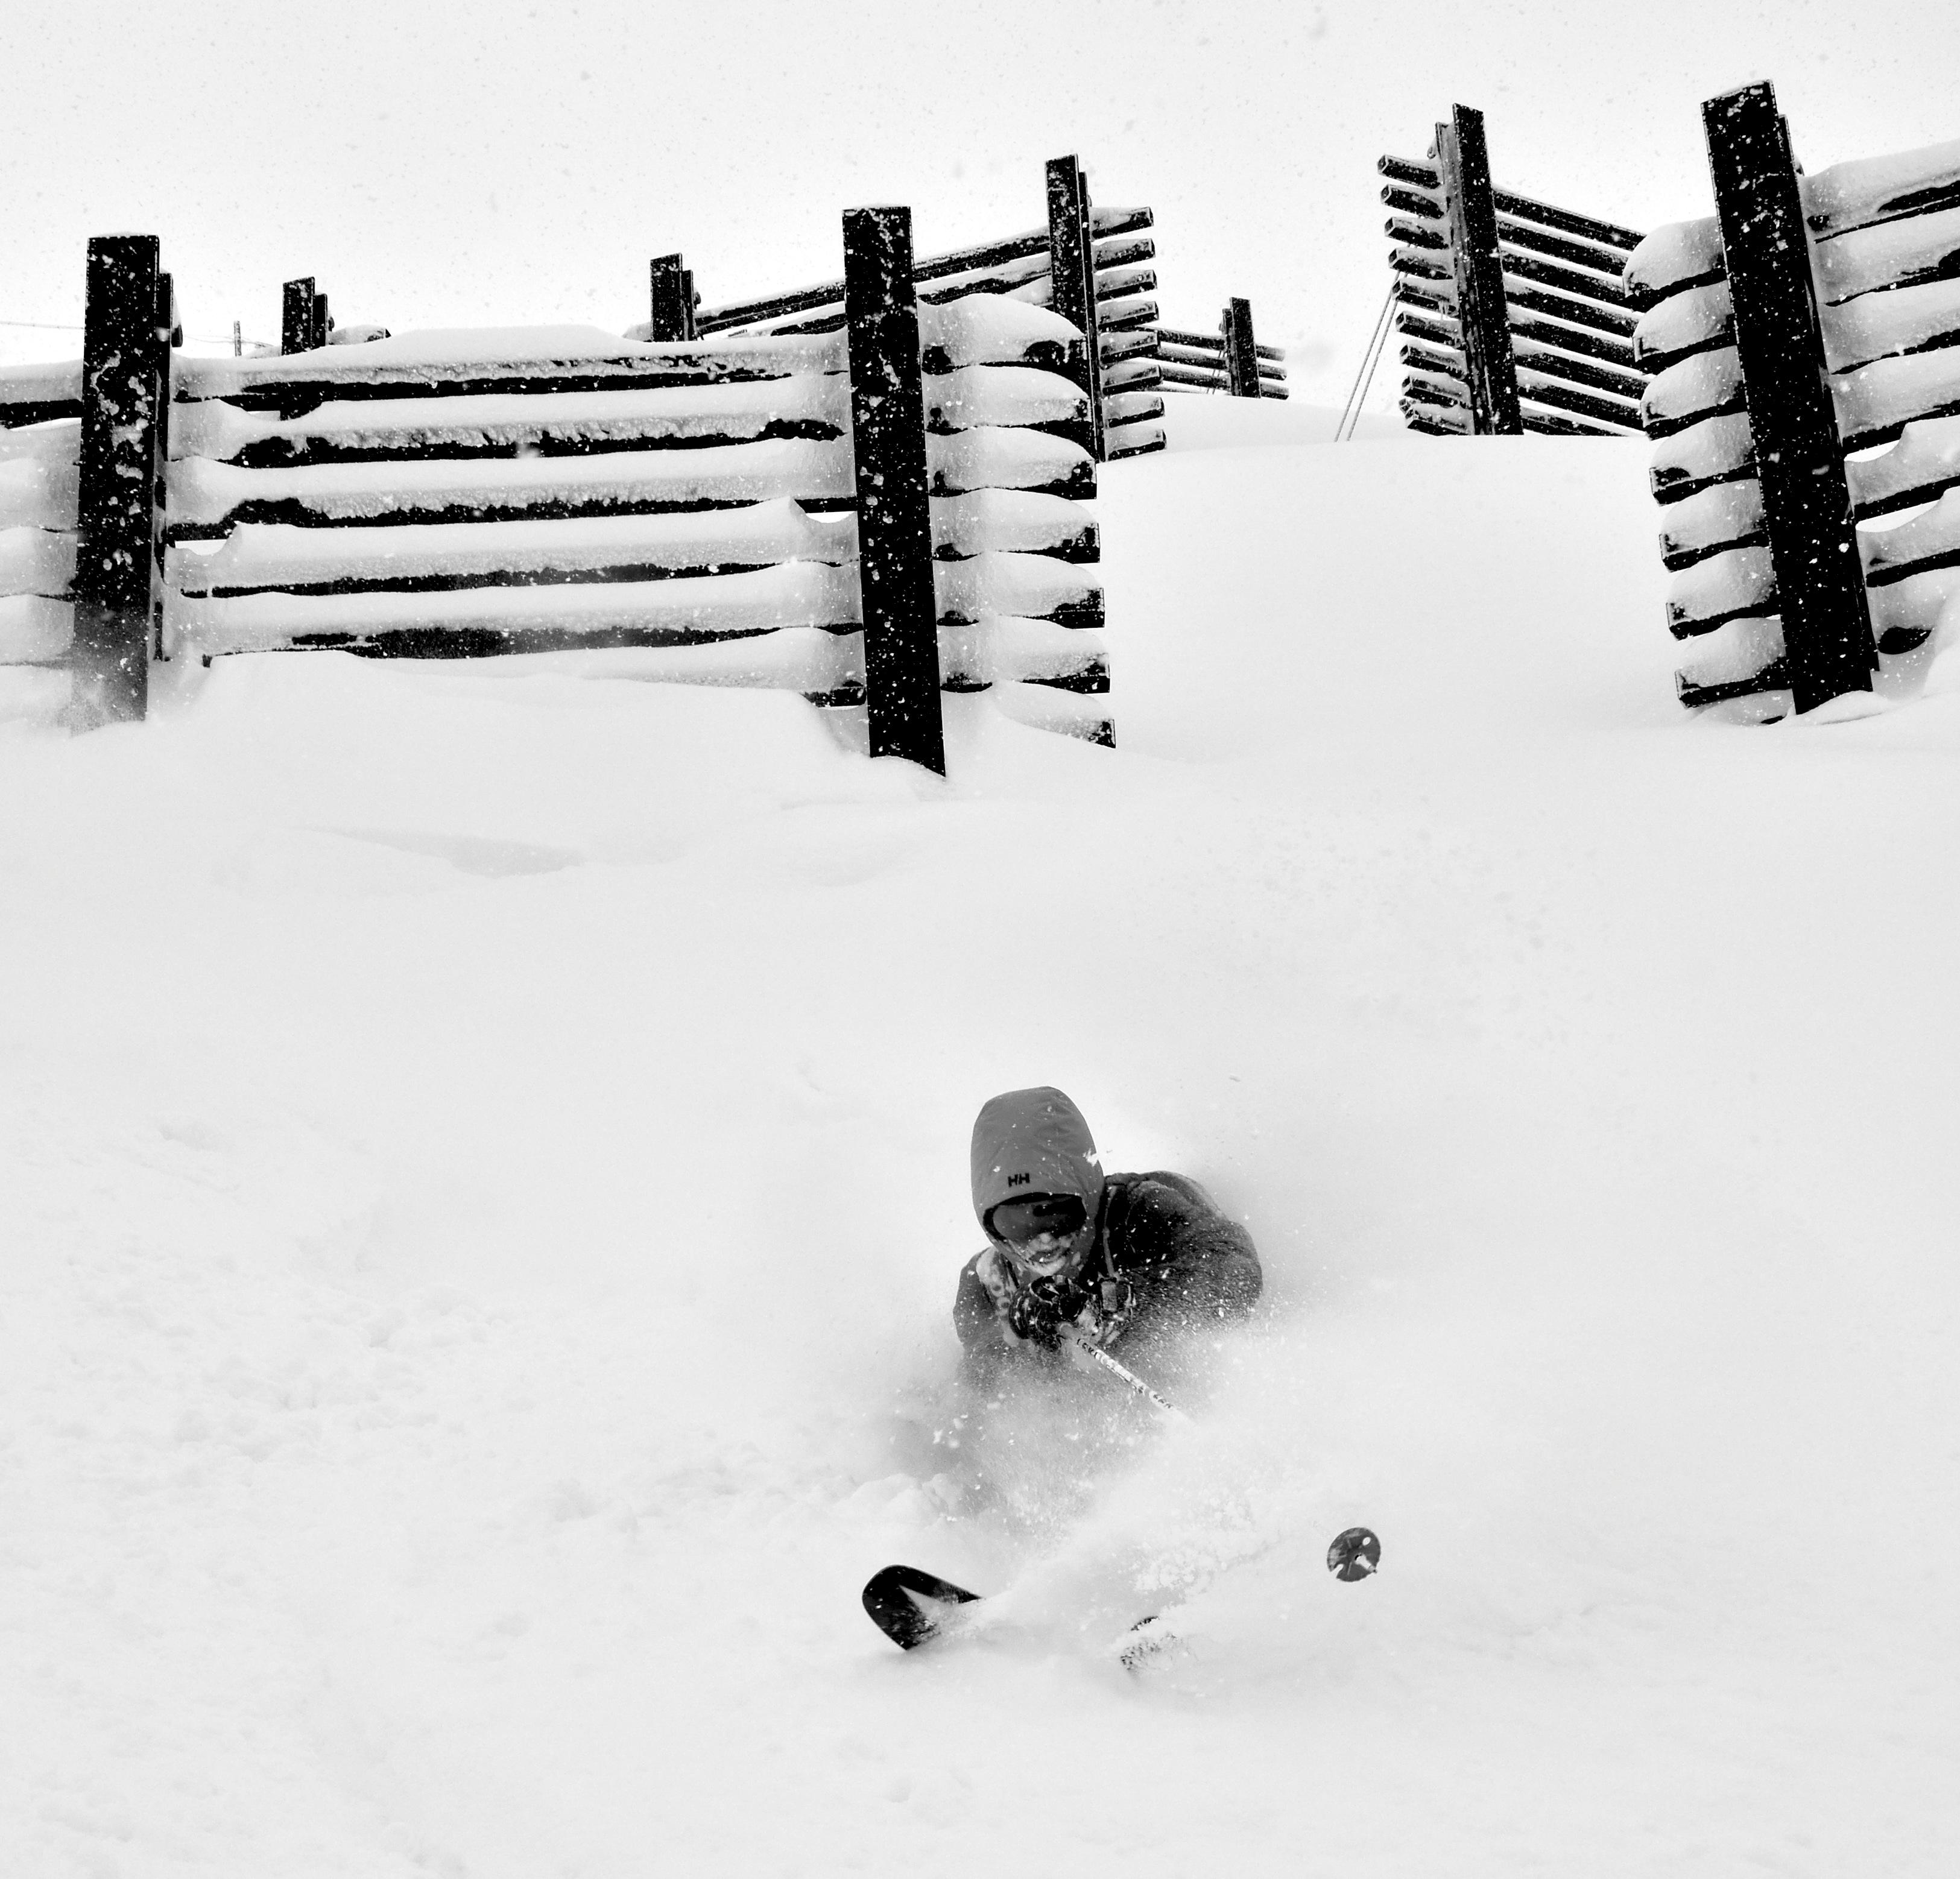 avy fence skiing